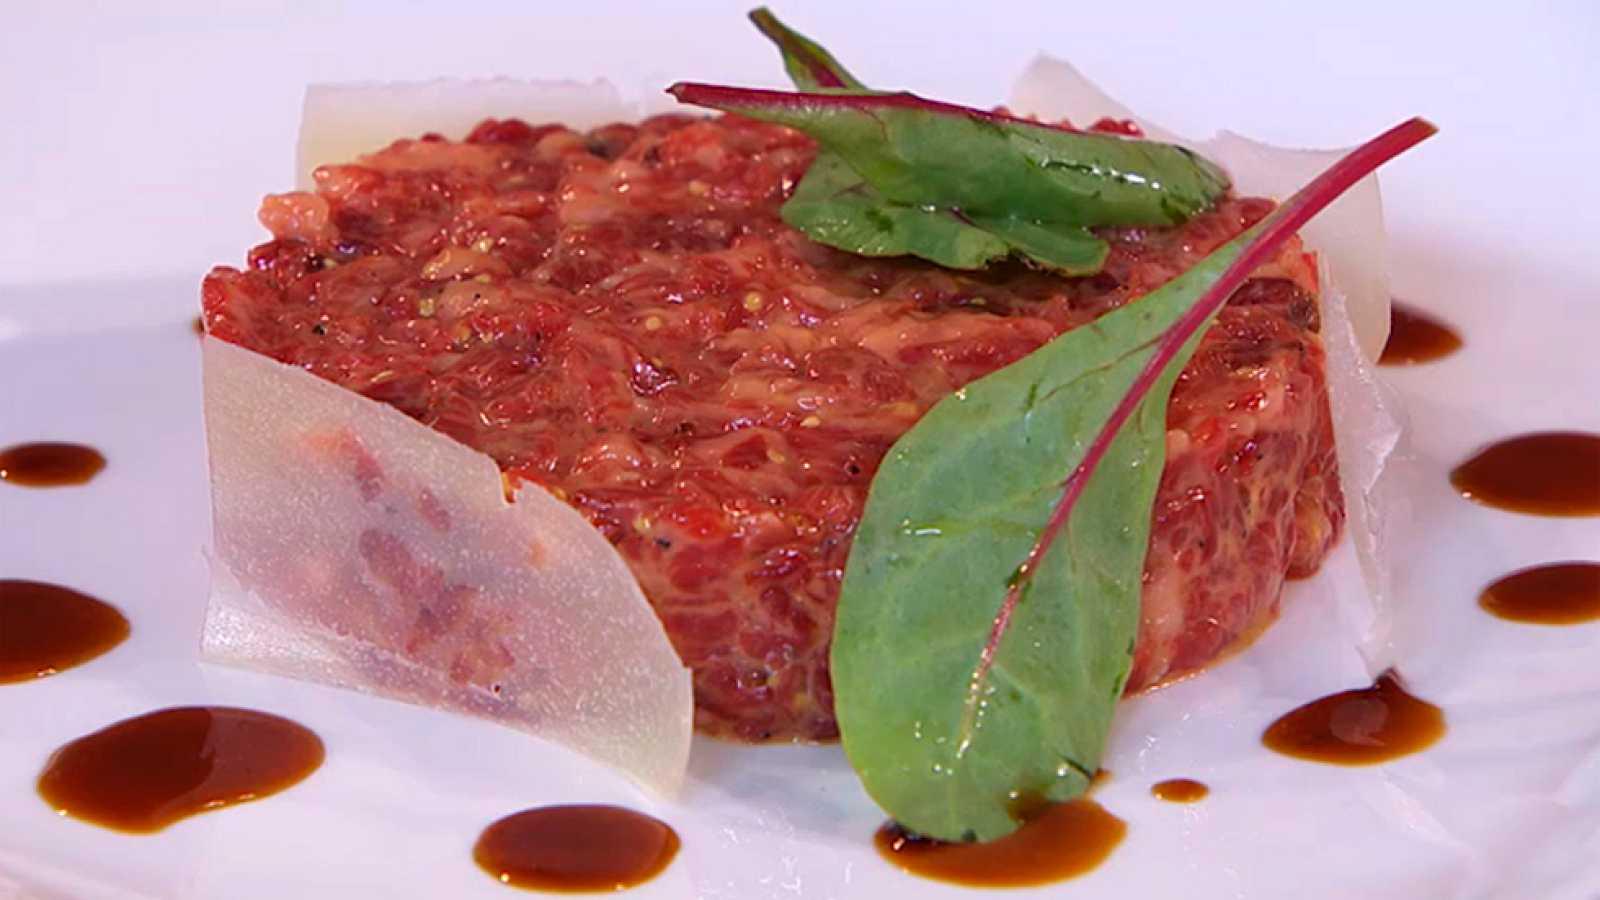 Receta de Steak tartar 'Torres'